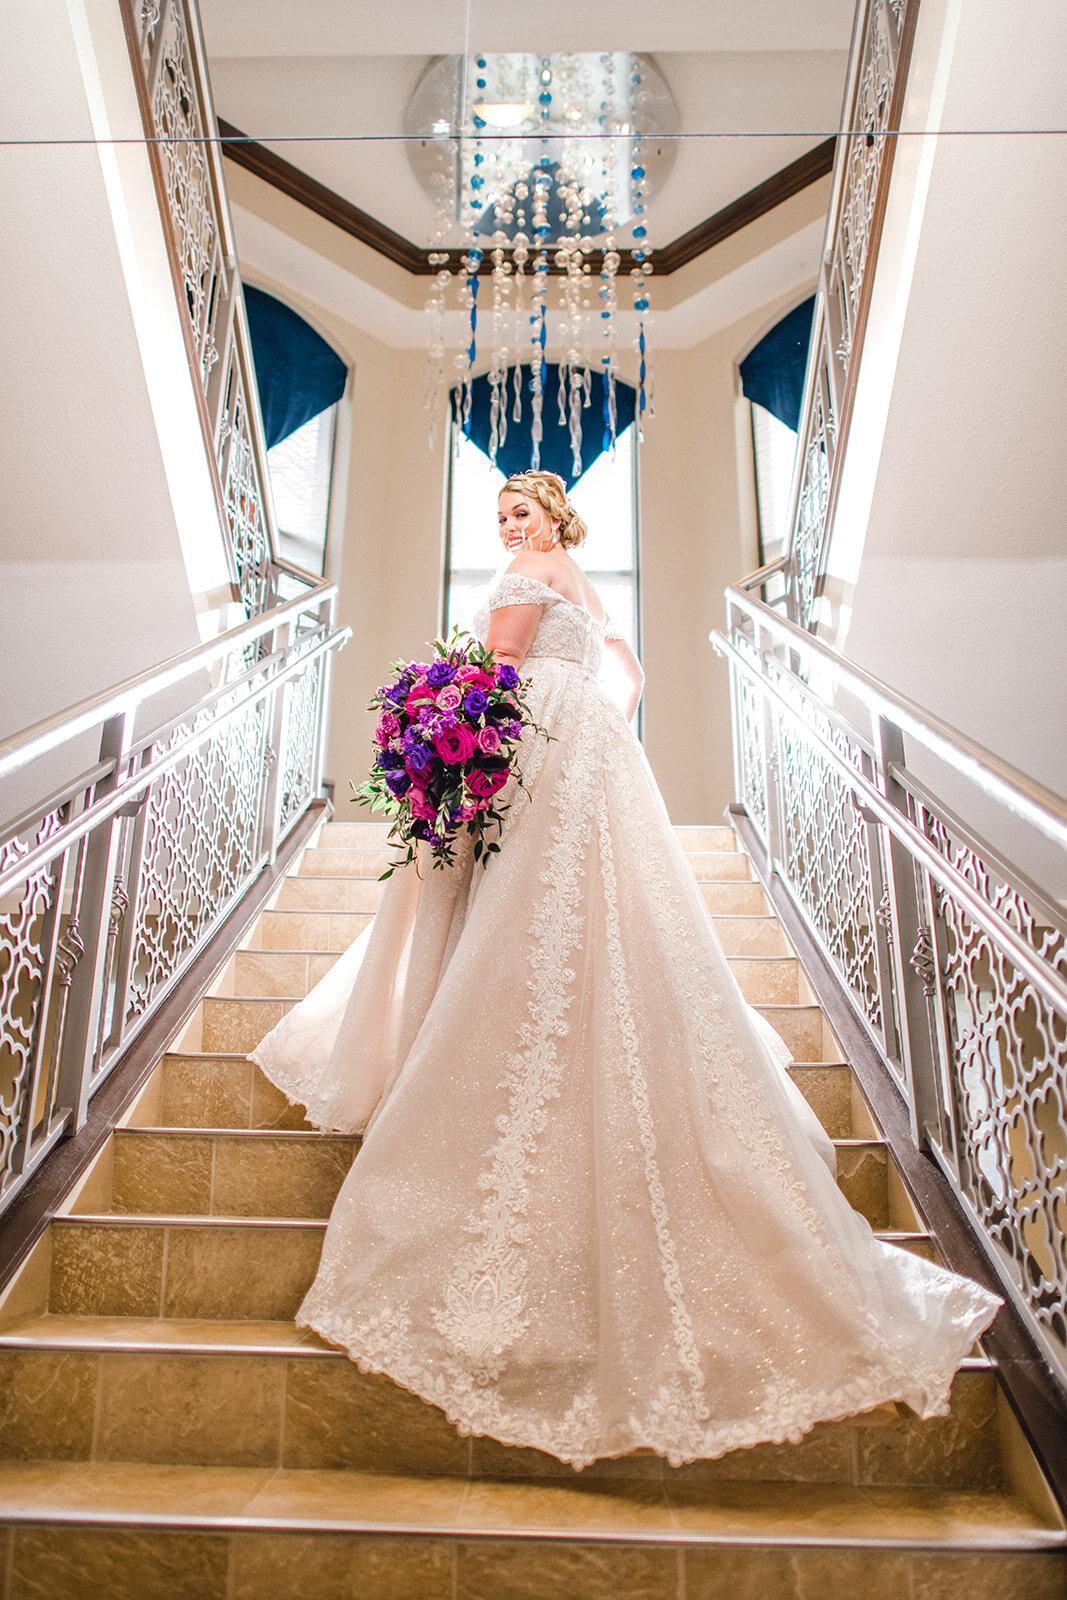 brittany_mark_wyndham_orlando_Bonnet_grand_wedding_(26_of_189).jpg